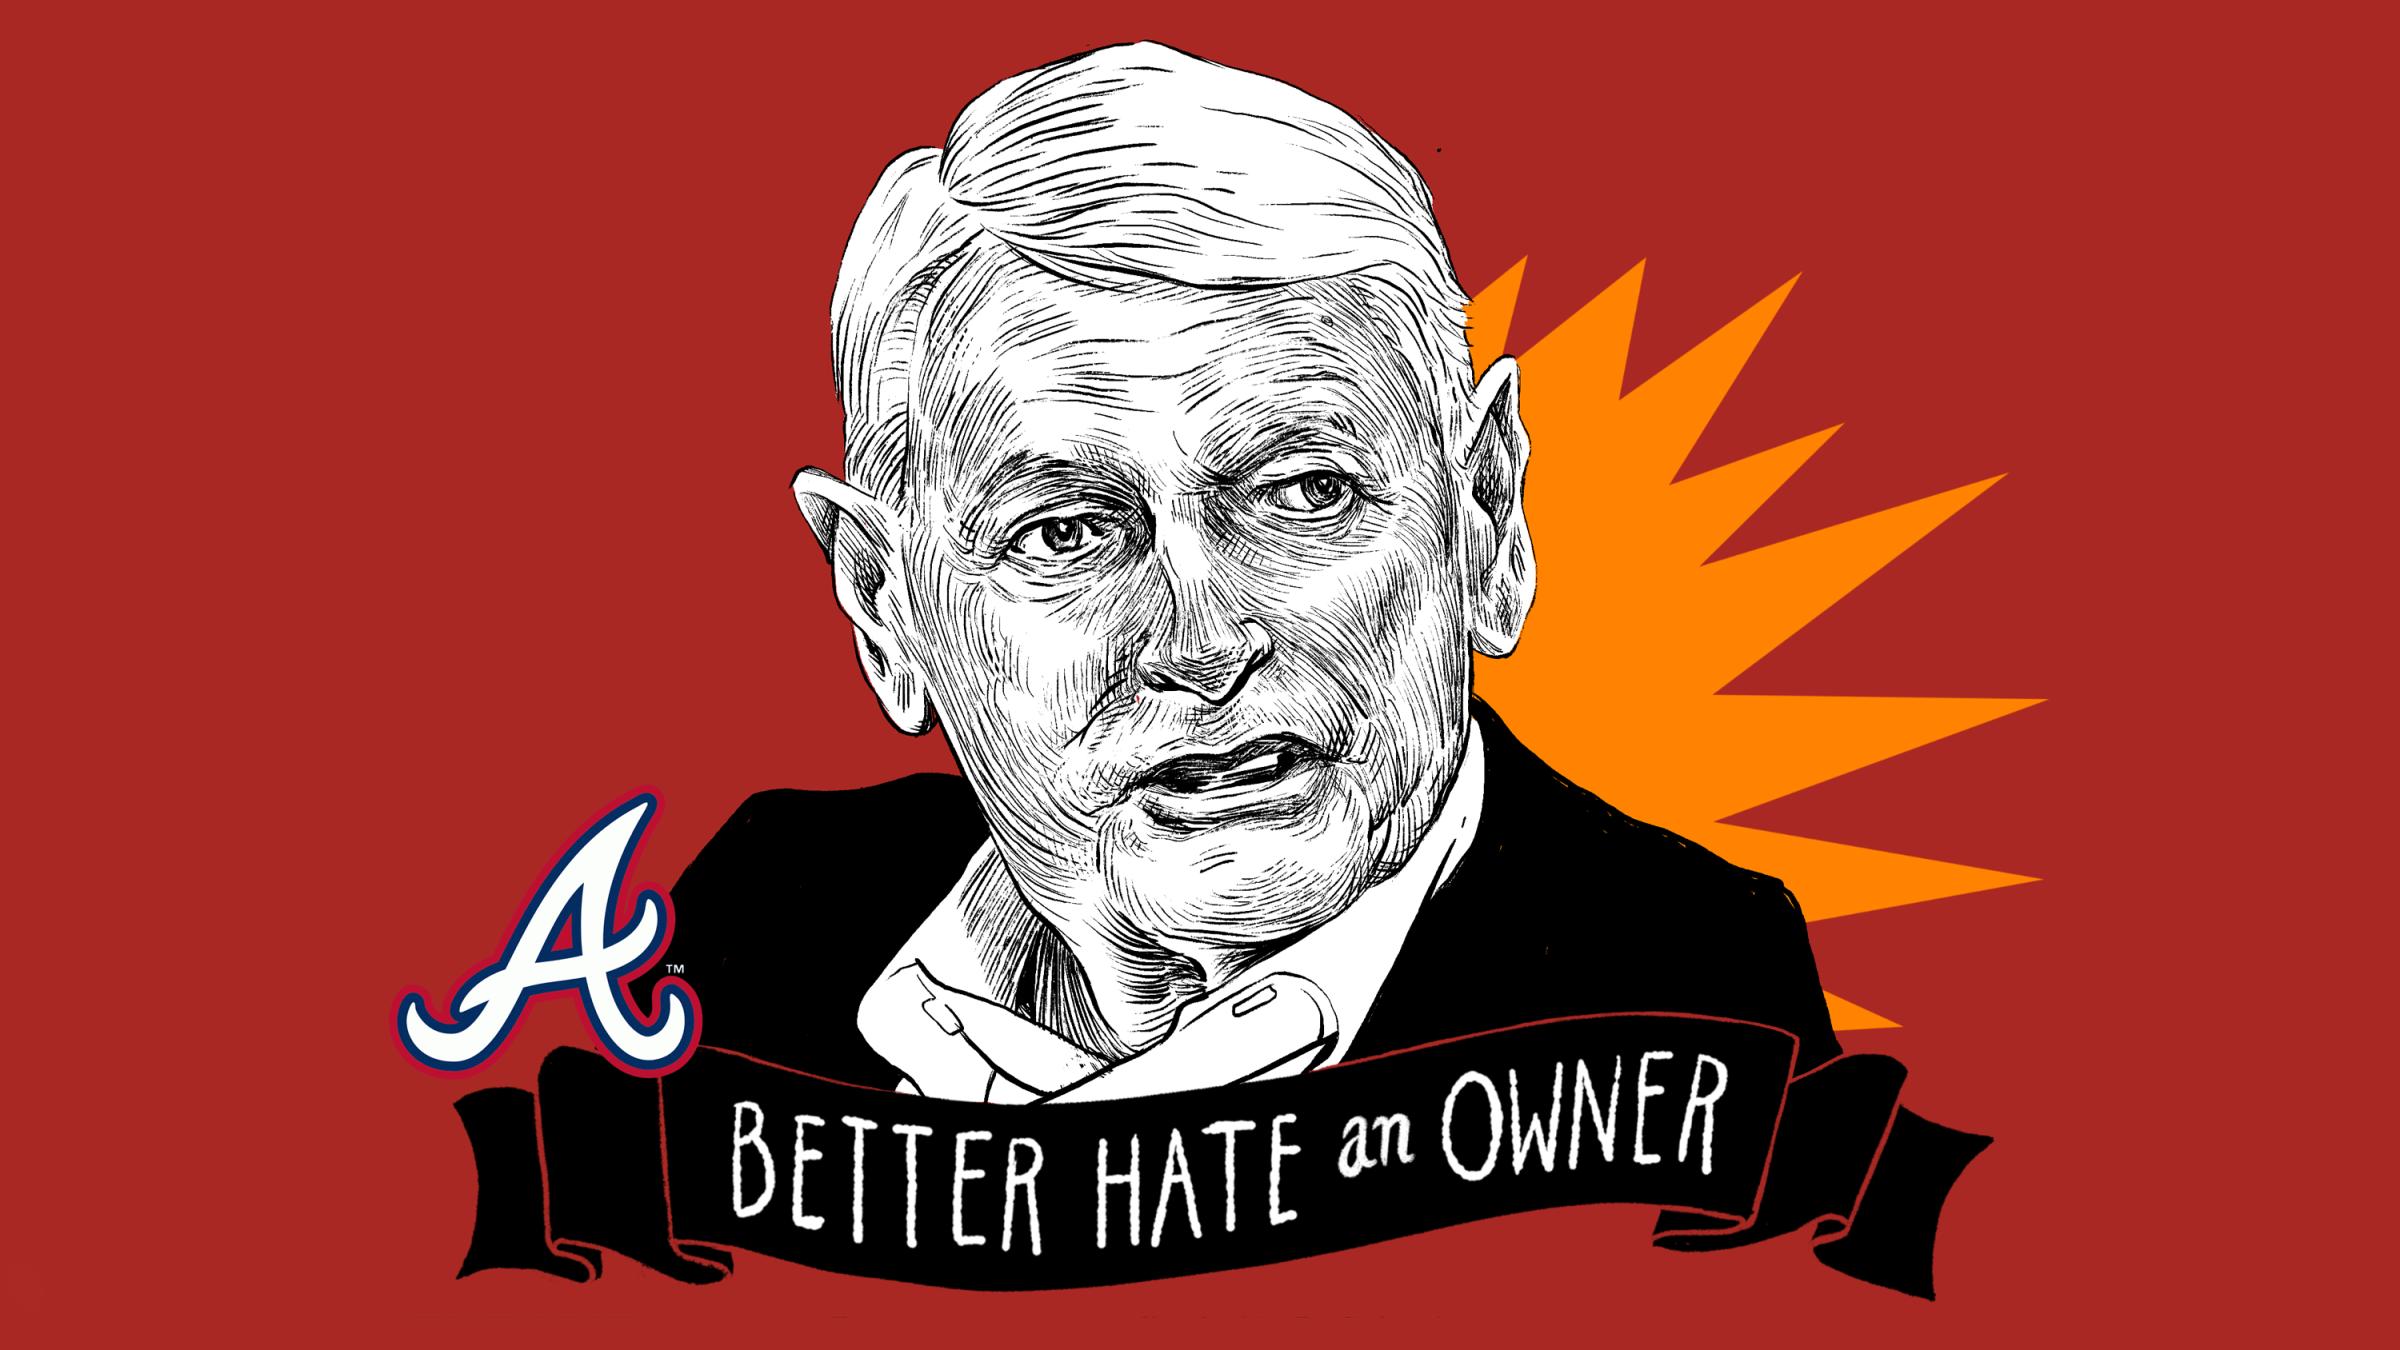 An illustration of Braves owner John Malone.